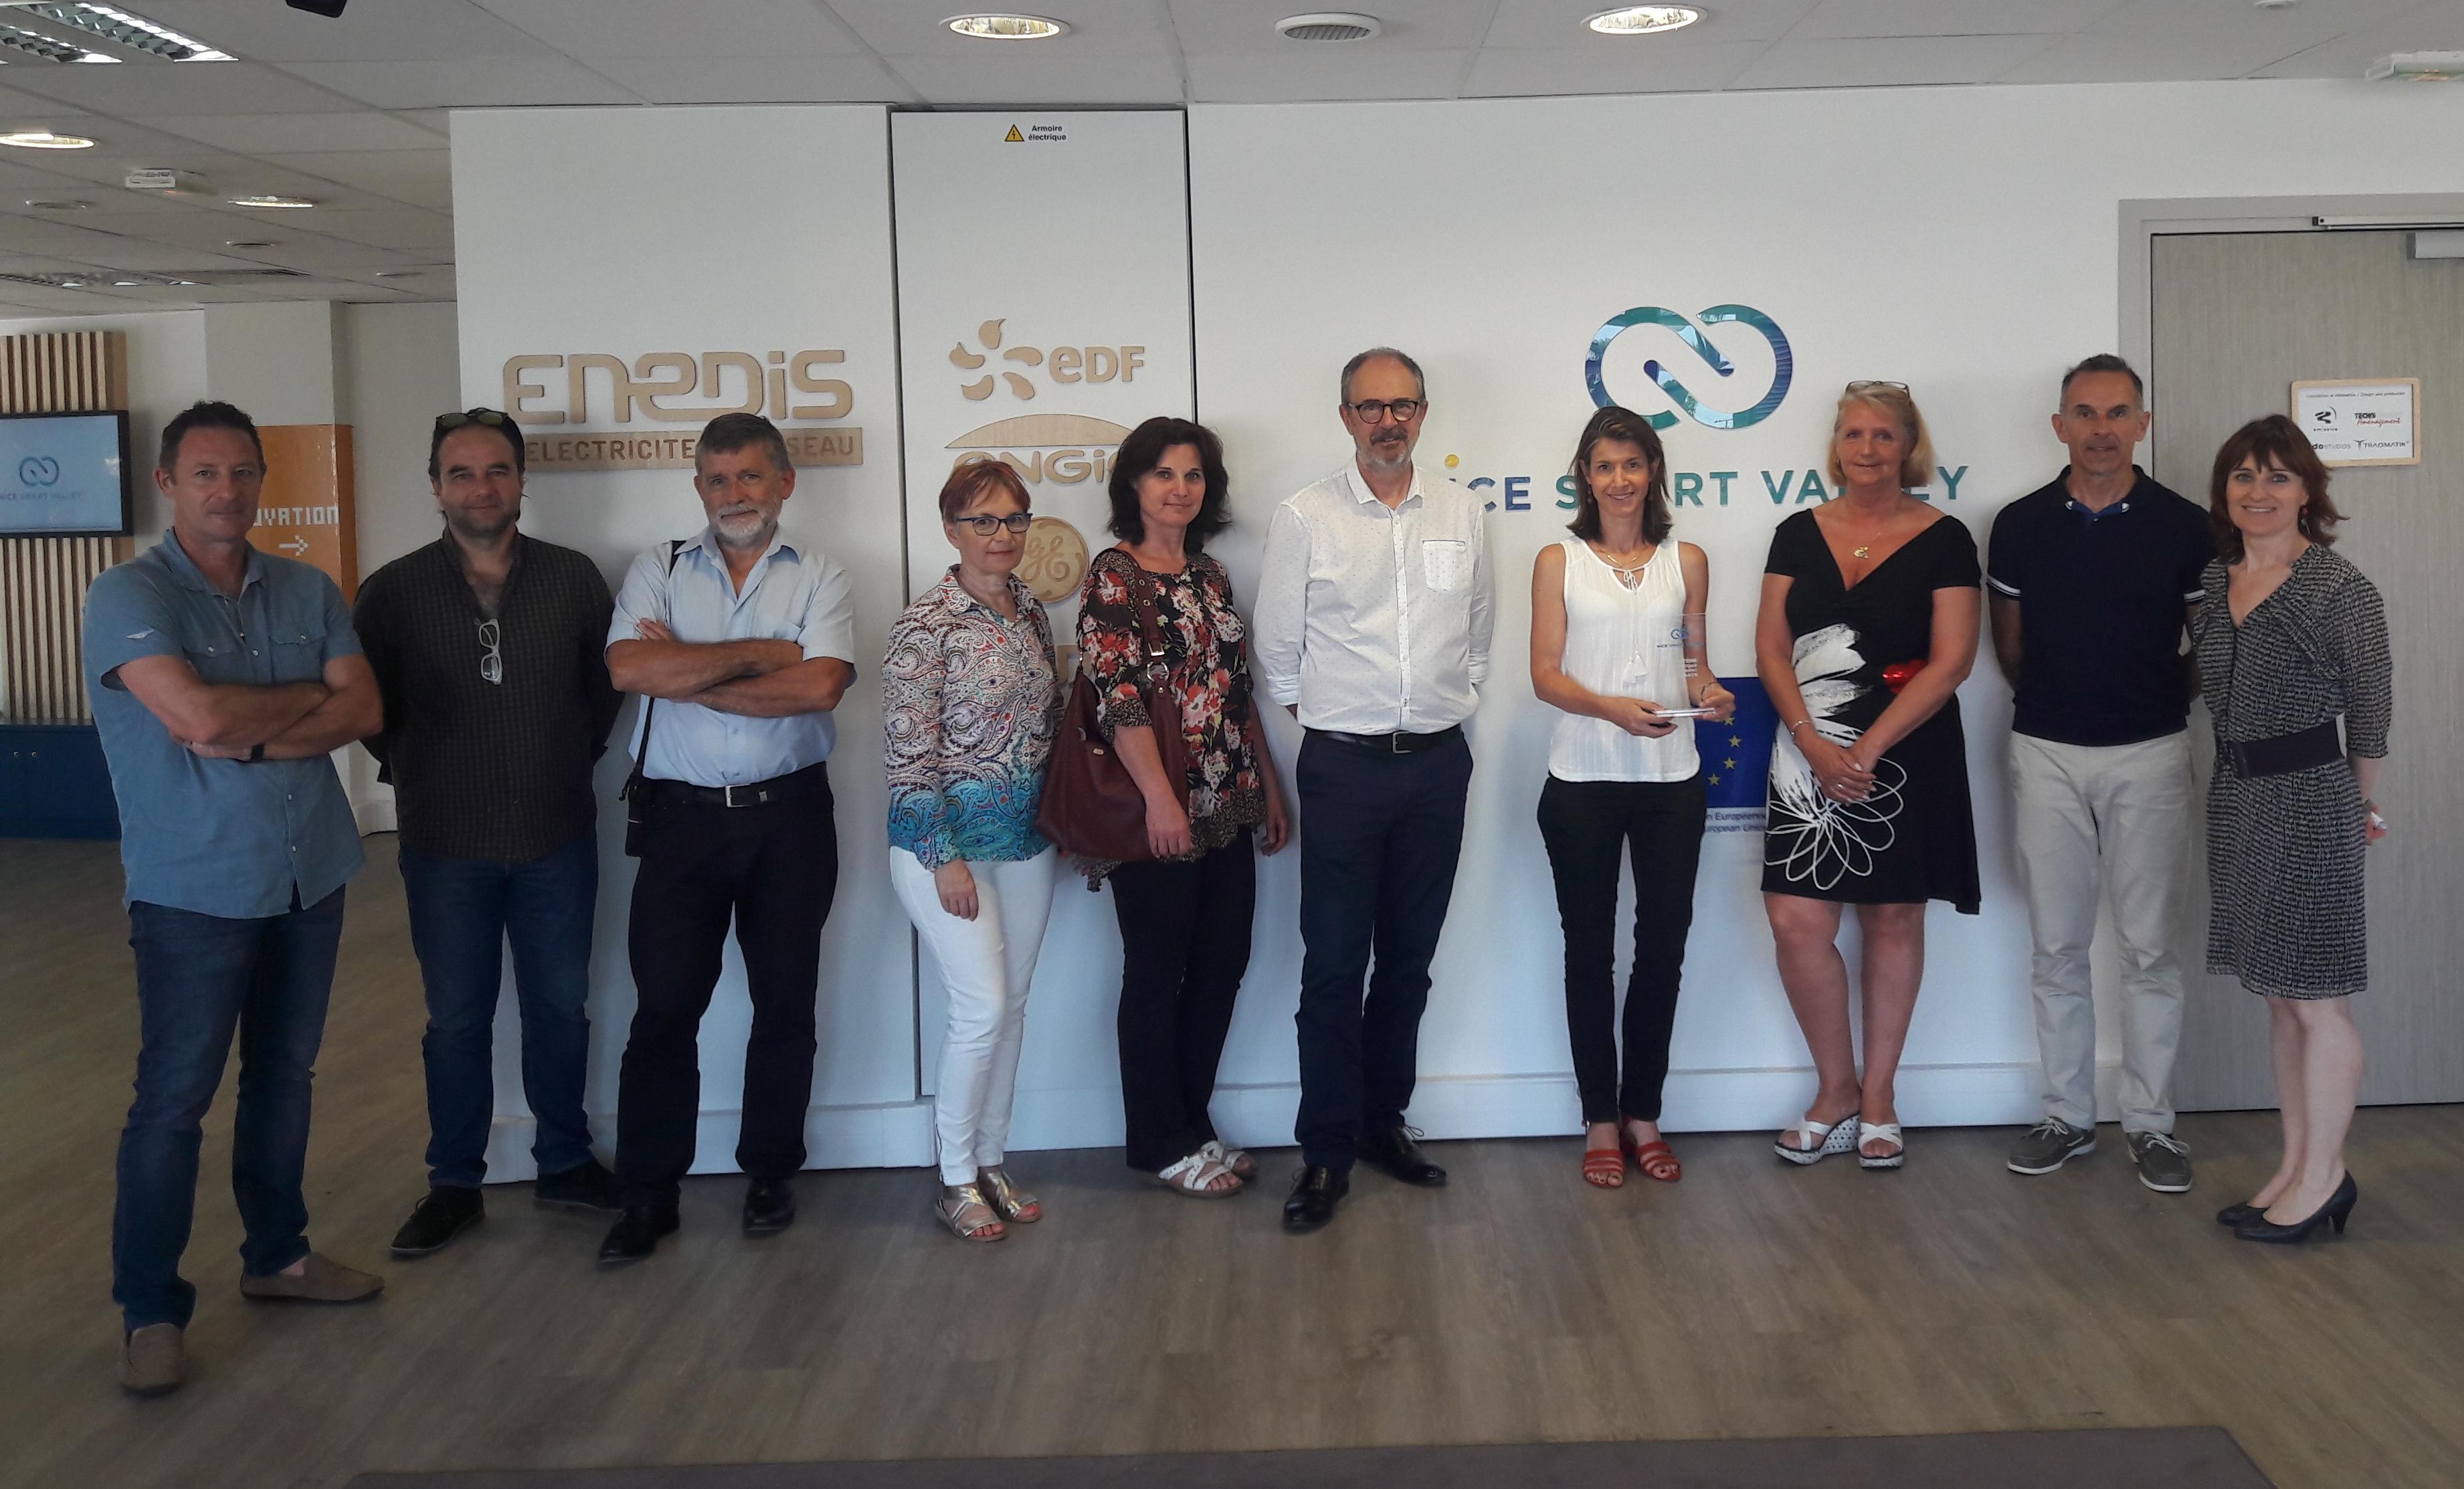 One-Too engagée dans la transition énergétique, avec Nice Smart Valley. Les entreprises présentes : Schneider Carros, Sofia Cosmétiques, Paindor, Augier, Régie Eaux d'Azur, One Too.